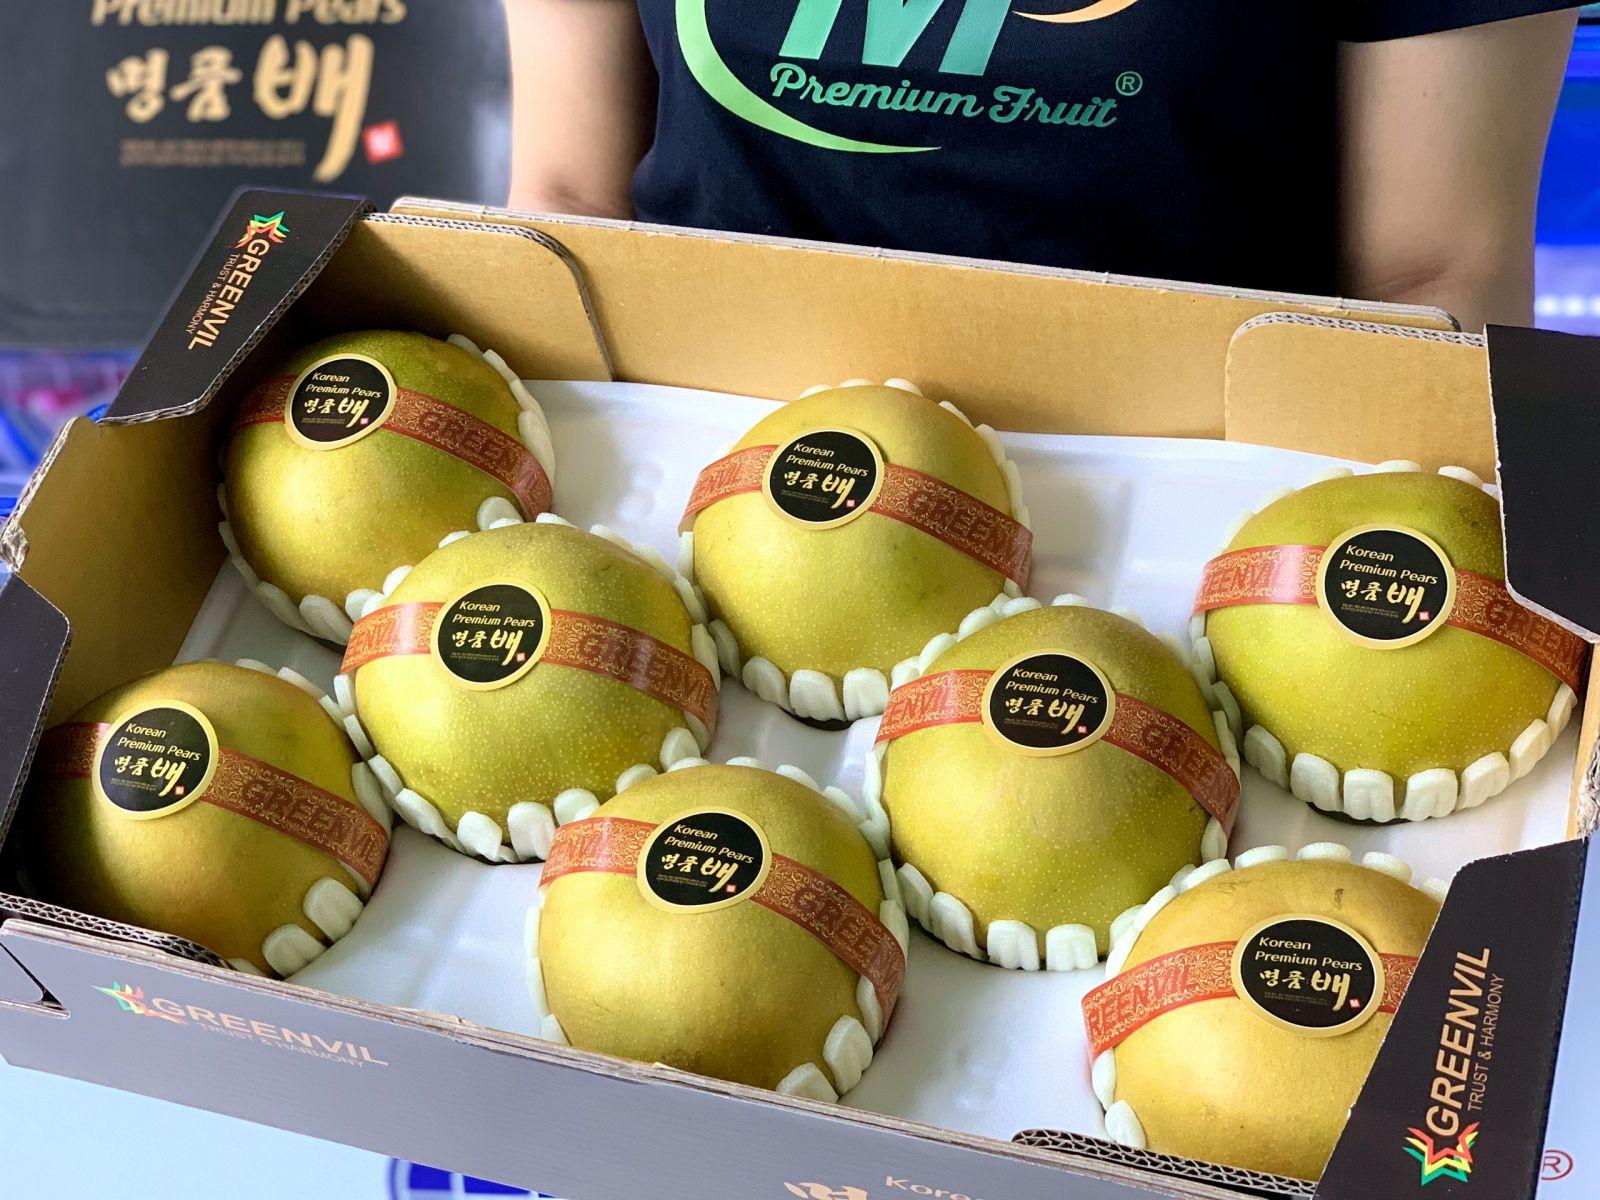 Lê Nâu Xanh Moonpong Hàn Quốc tại MP Fruits